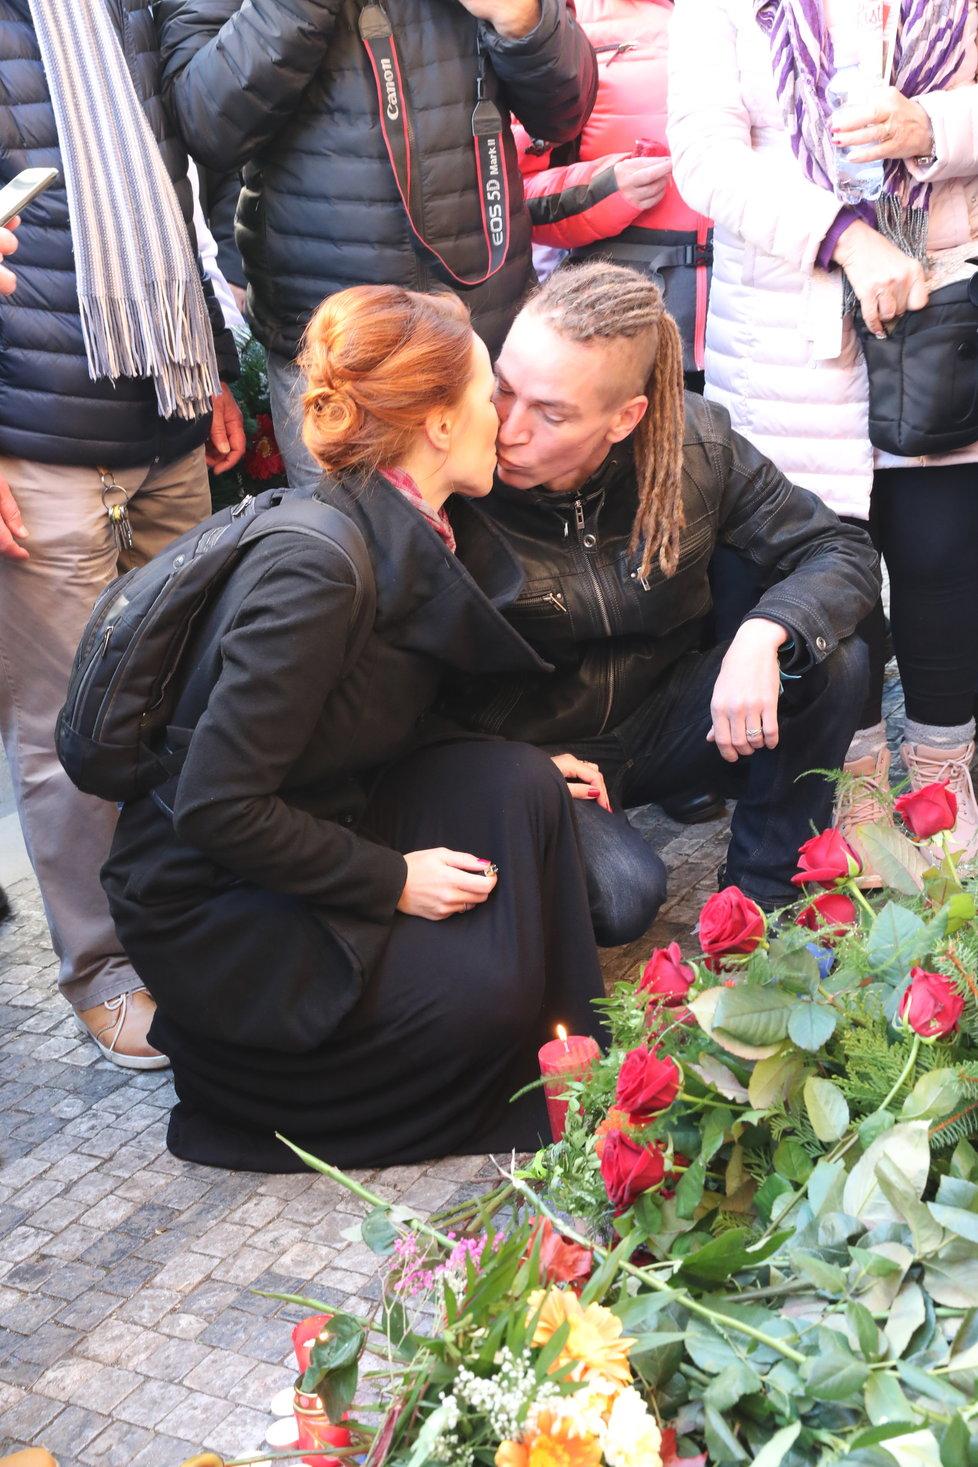 Předseda Pirátů Ivan Bartoš s manželkou Lýdií na oslavách 17. listopadu na Národní třídě